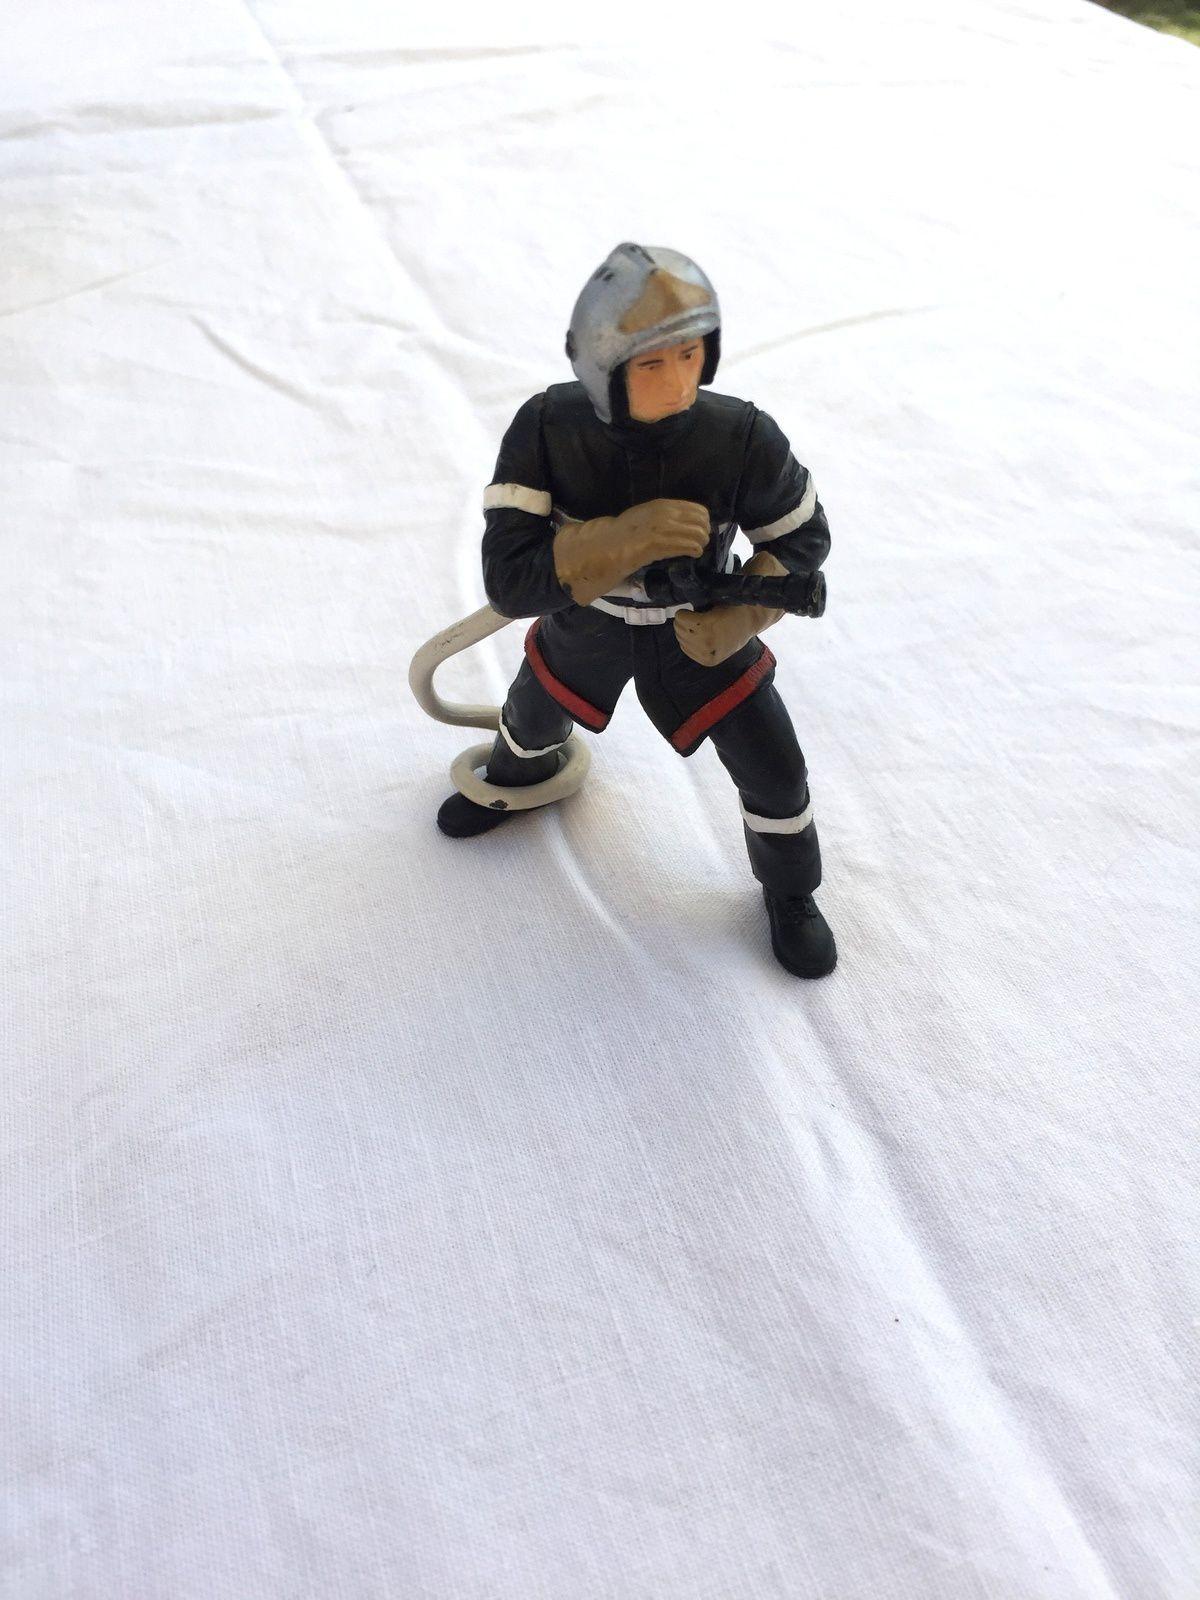 pompier figurine Papo jouet pour enfant, sur charlotteblablablog